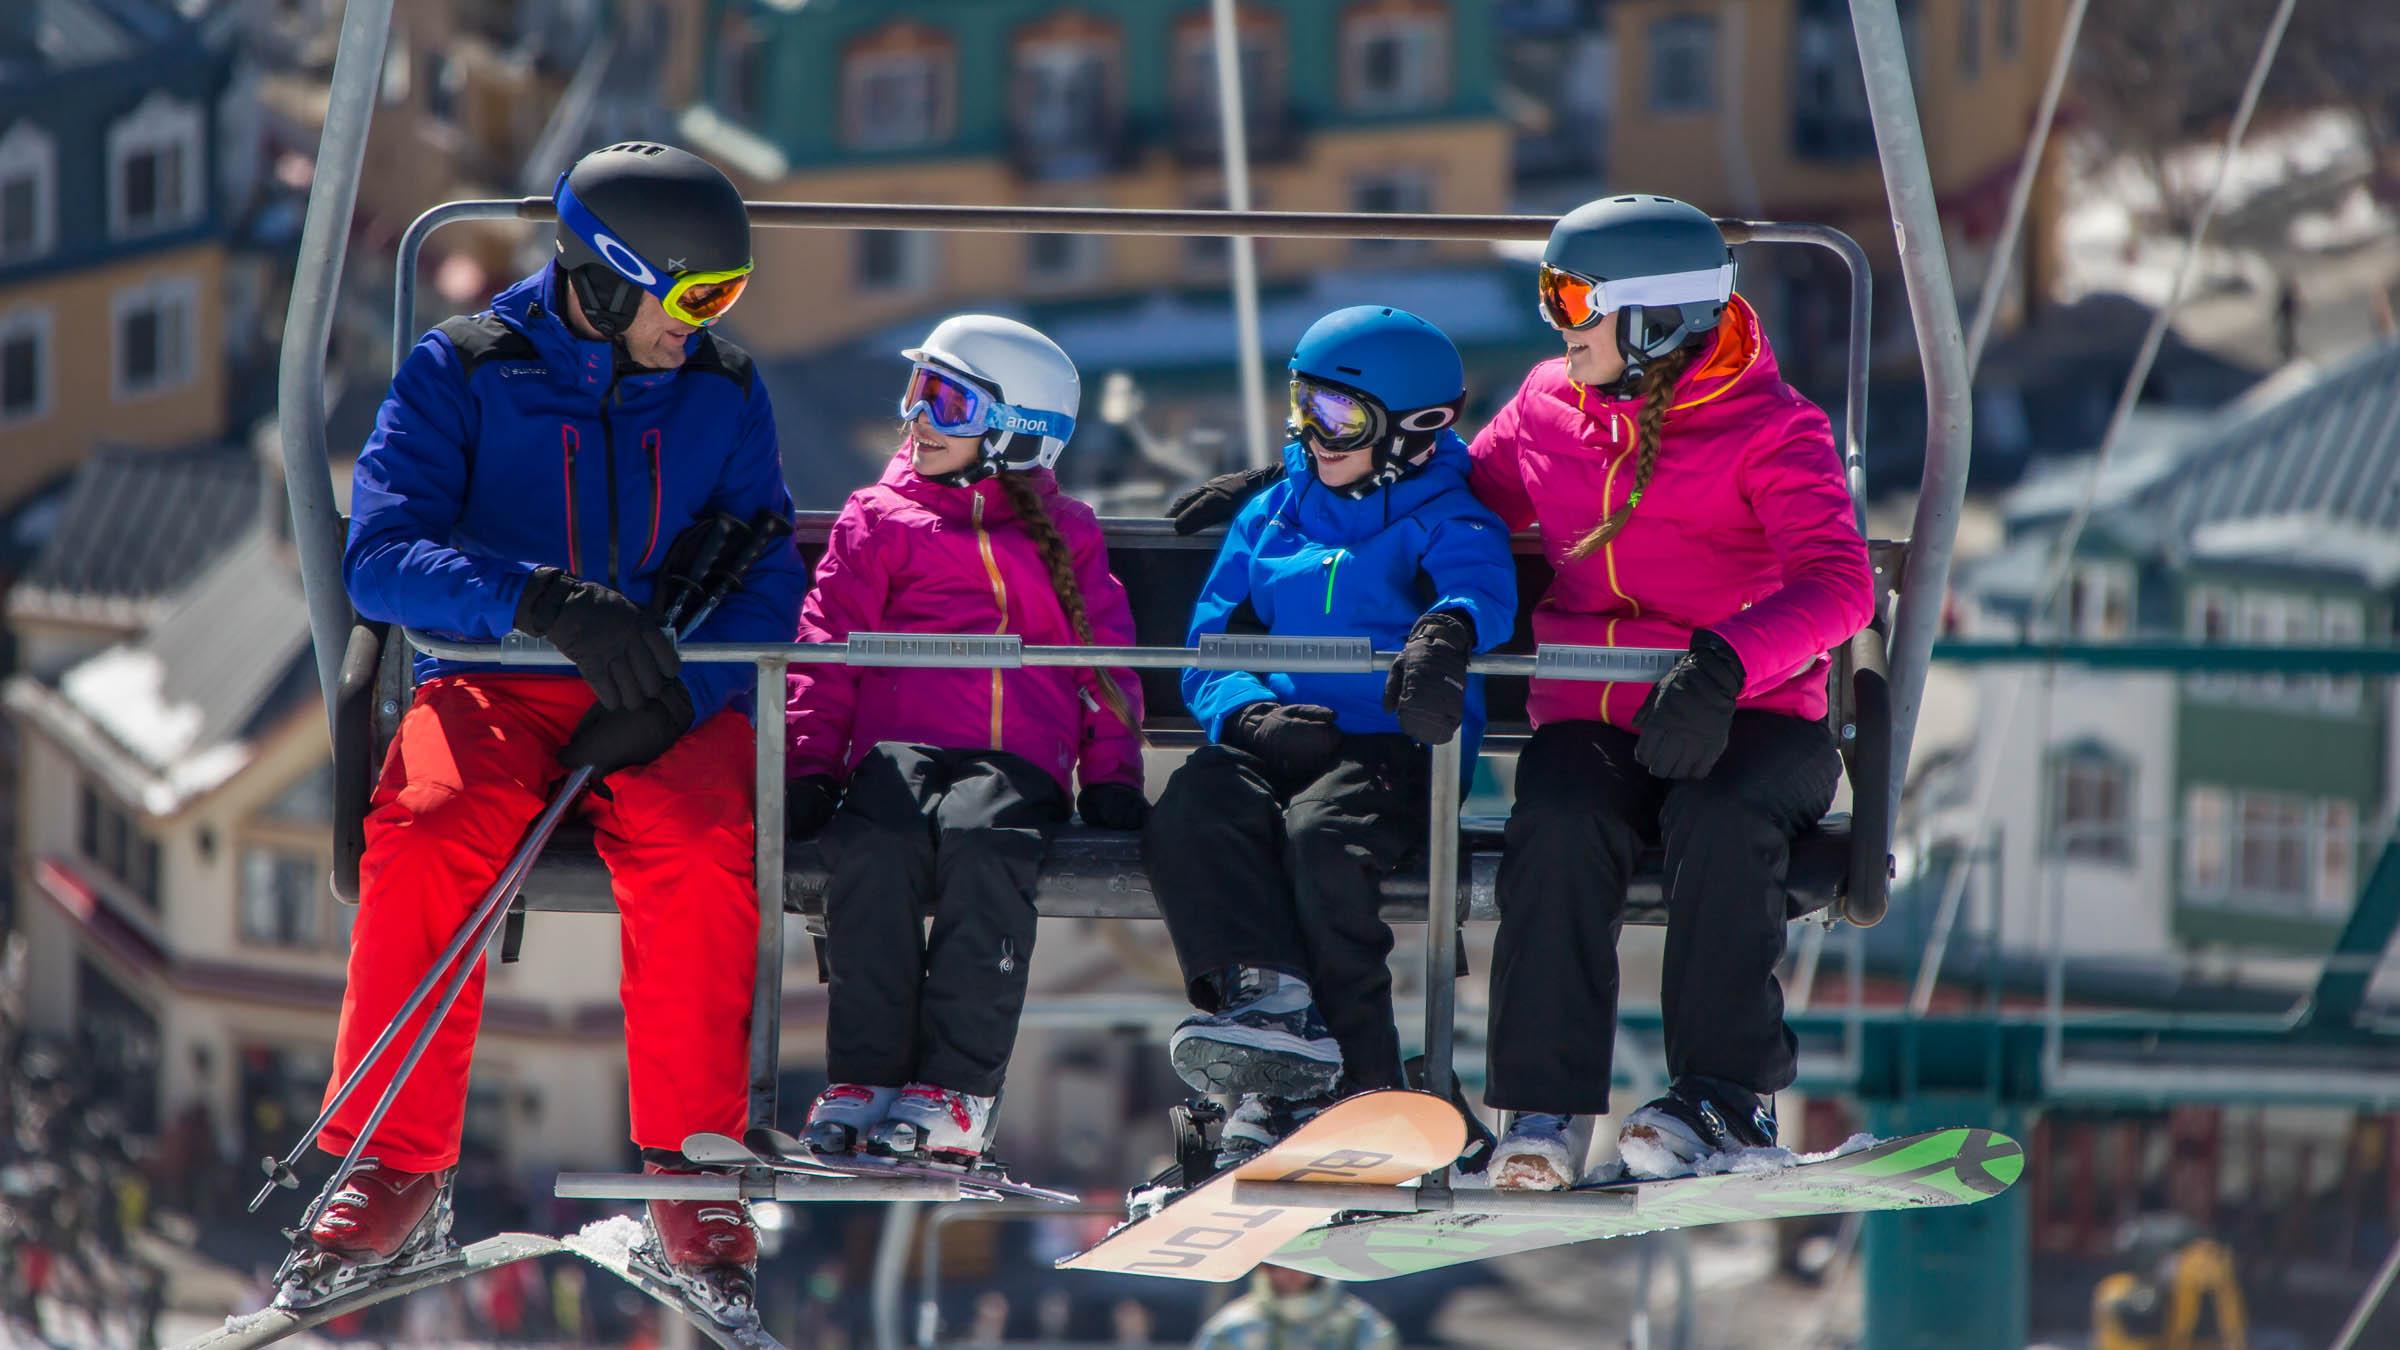 Tous les centres de ski seront ouverts dès dimanche, assure l'ASSQ